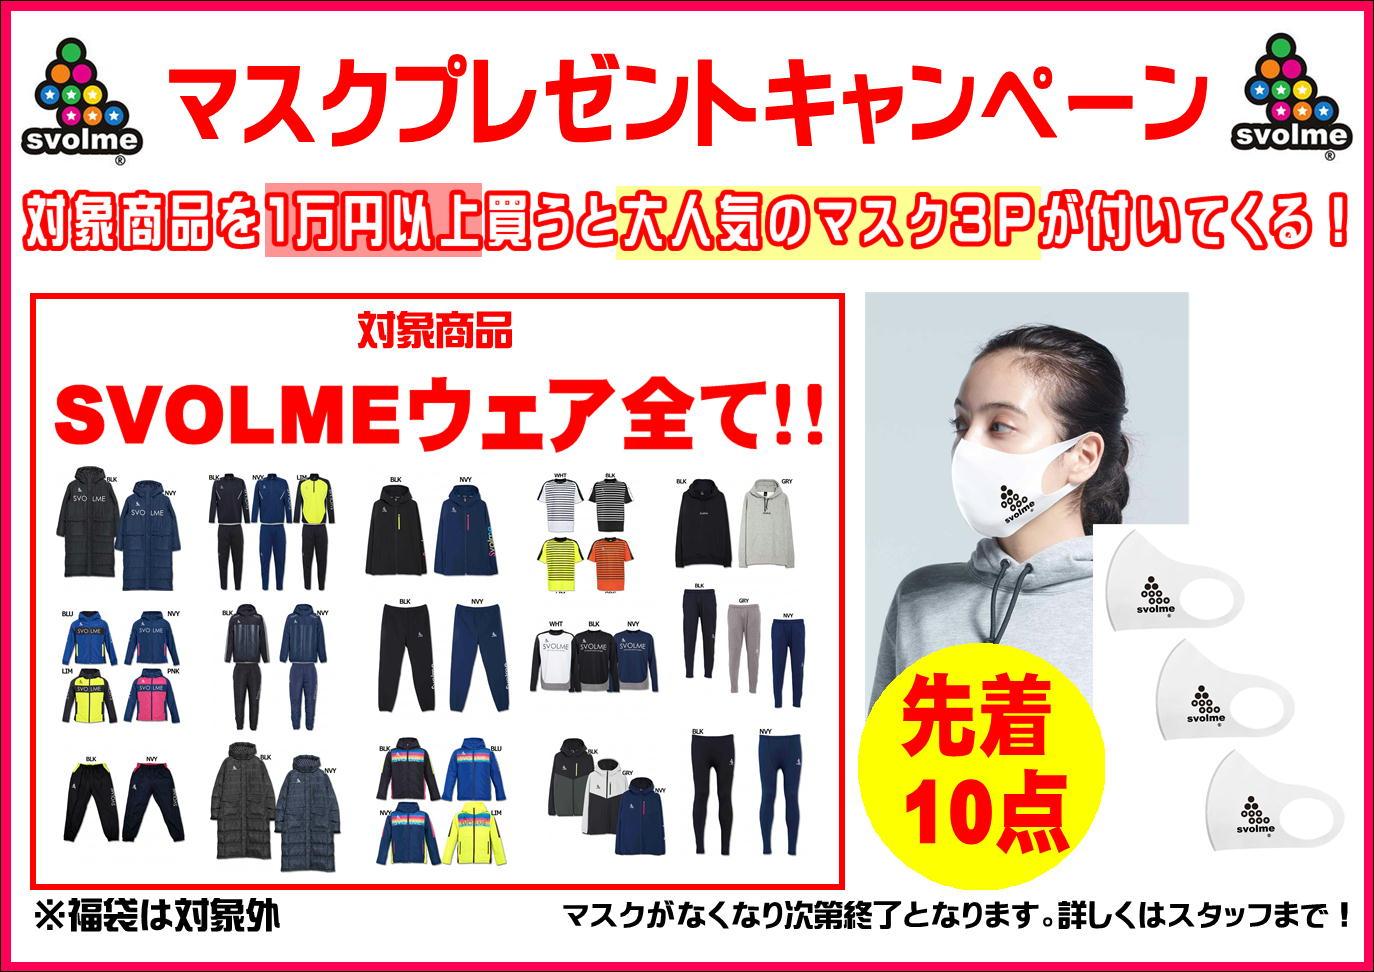 【SVOLME マスクプレゼントキャンペーン!!】